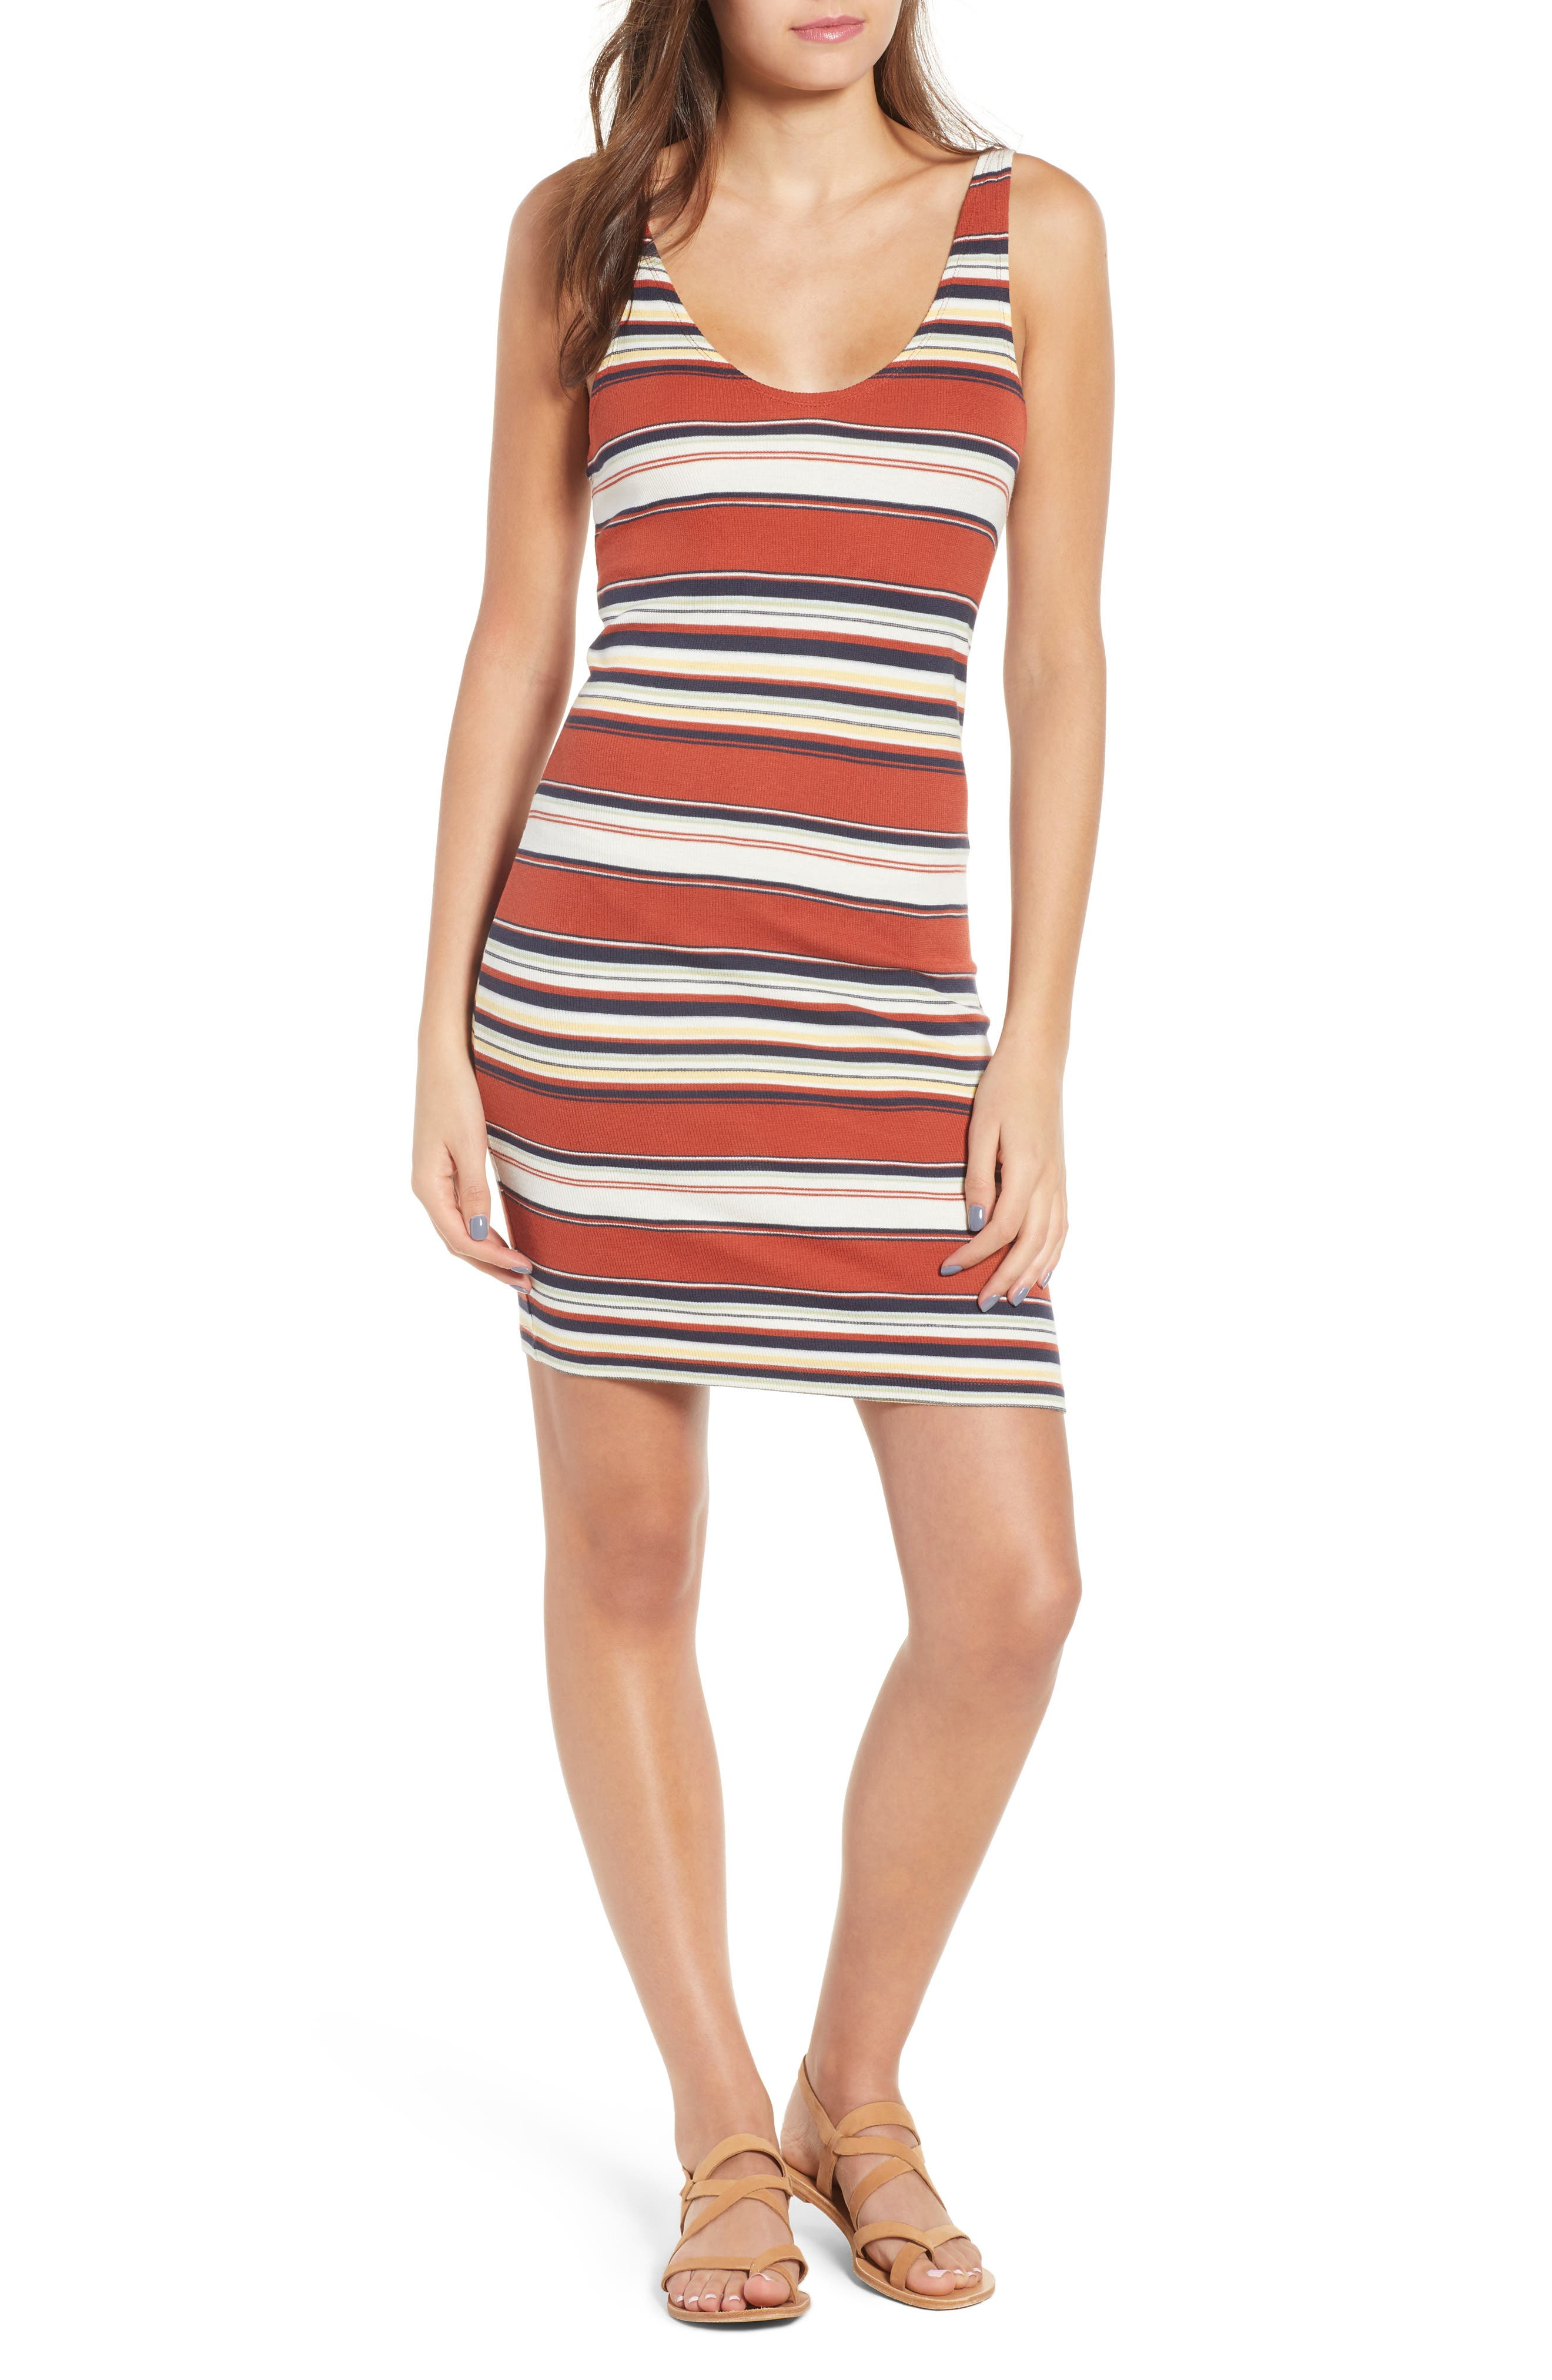 Homesick Stripe Ribbed Dress,                             Main thumbnail 1, color,                             Brick Multi